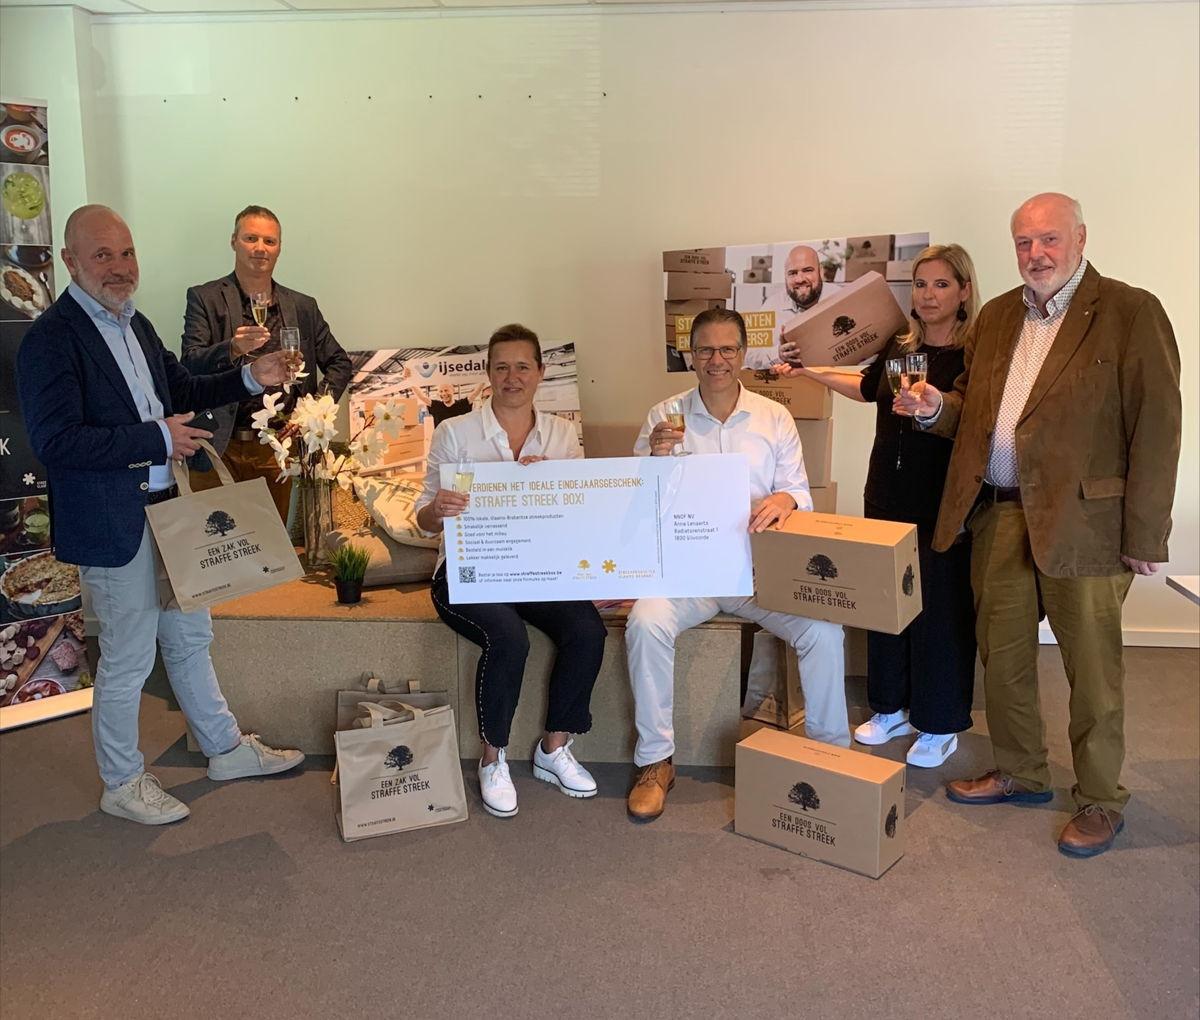 Gedeputeerde Tom Dehaene overhandigde de eerste streekboxen voor bedrijven aan NNOF in Vilvoorde